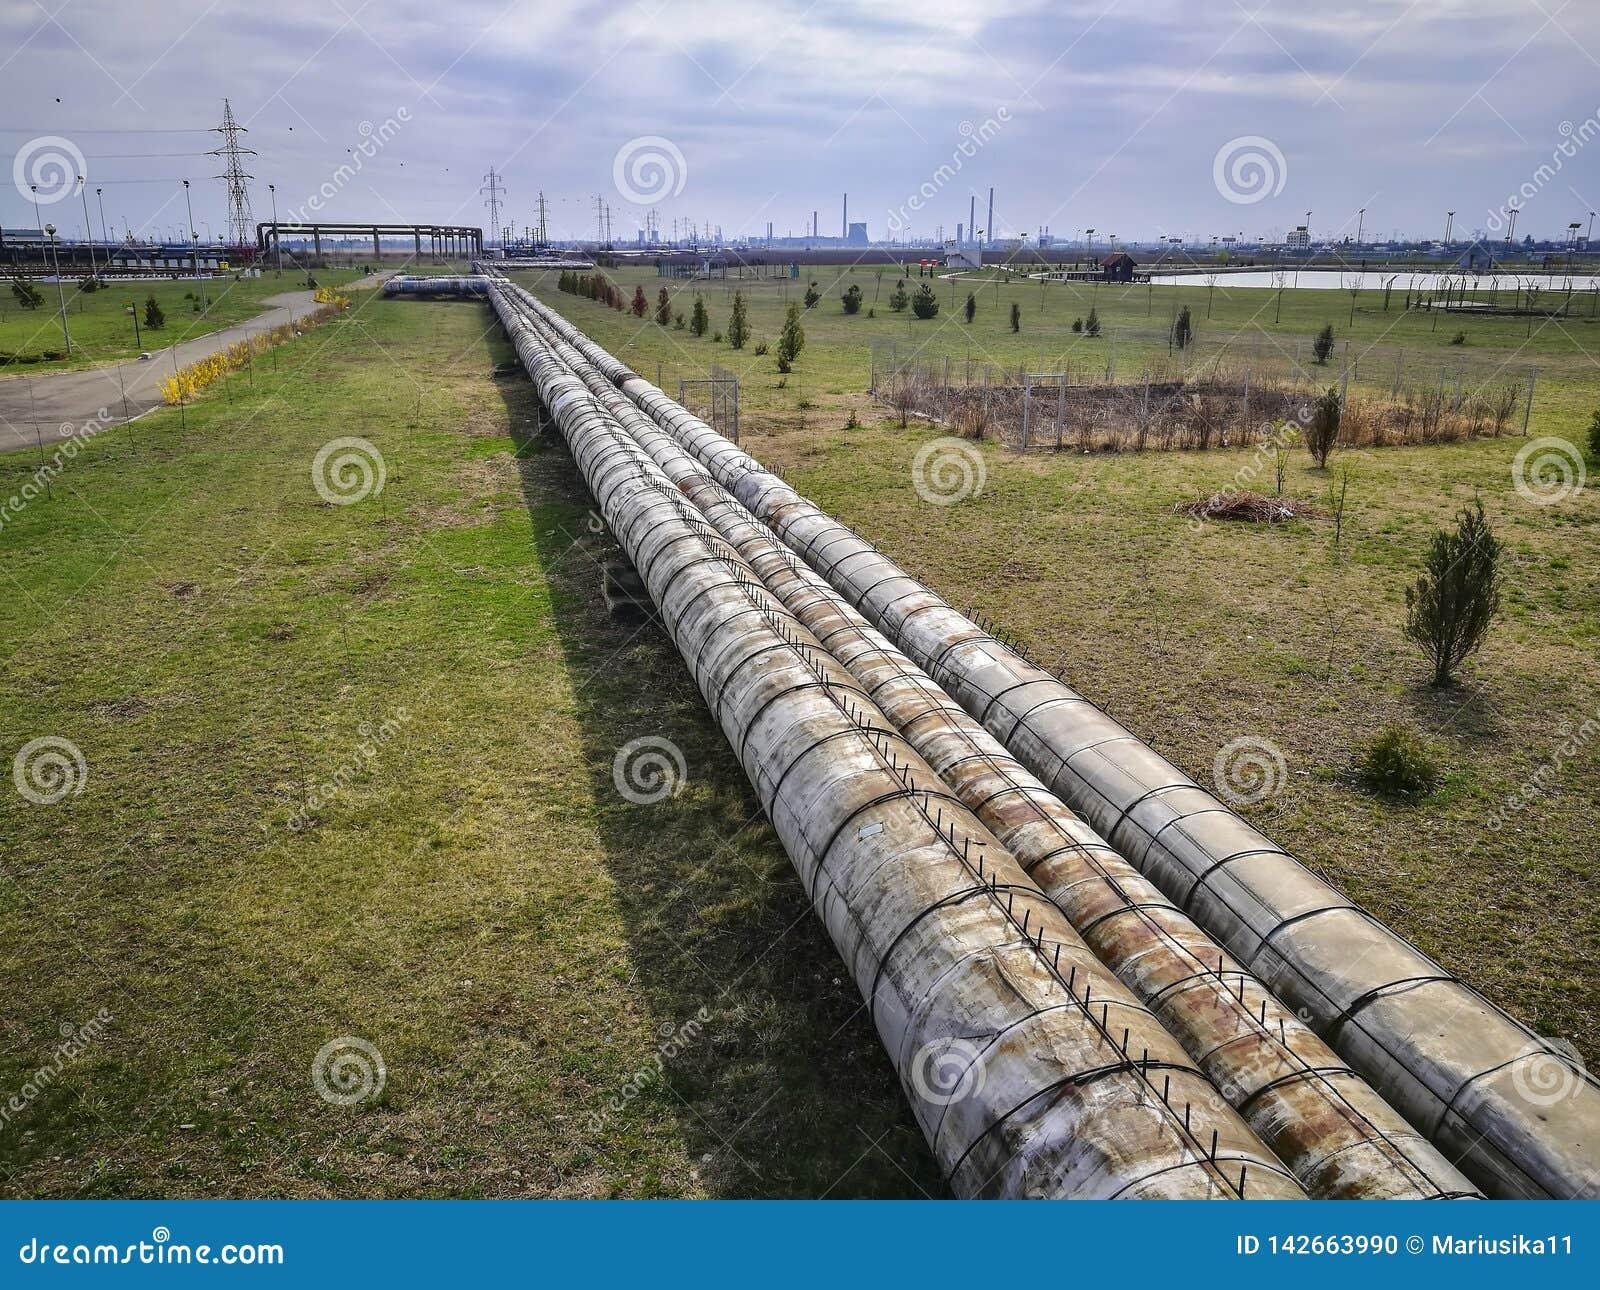 Промышленные трубы для транспорта тепловой энергии